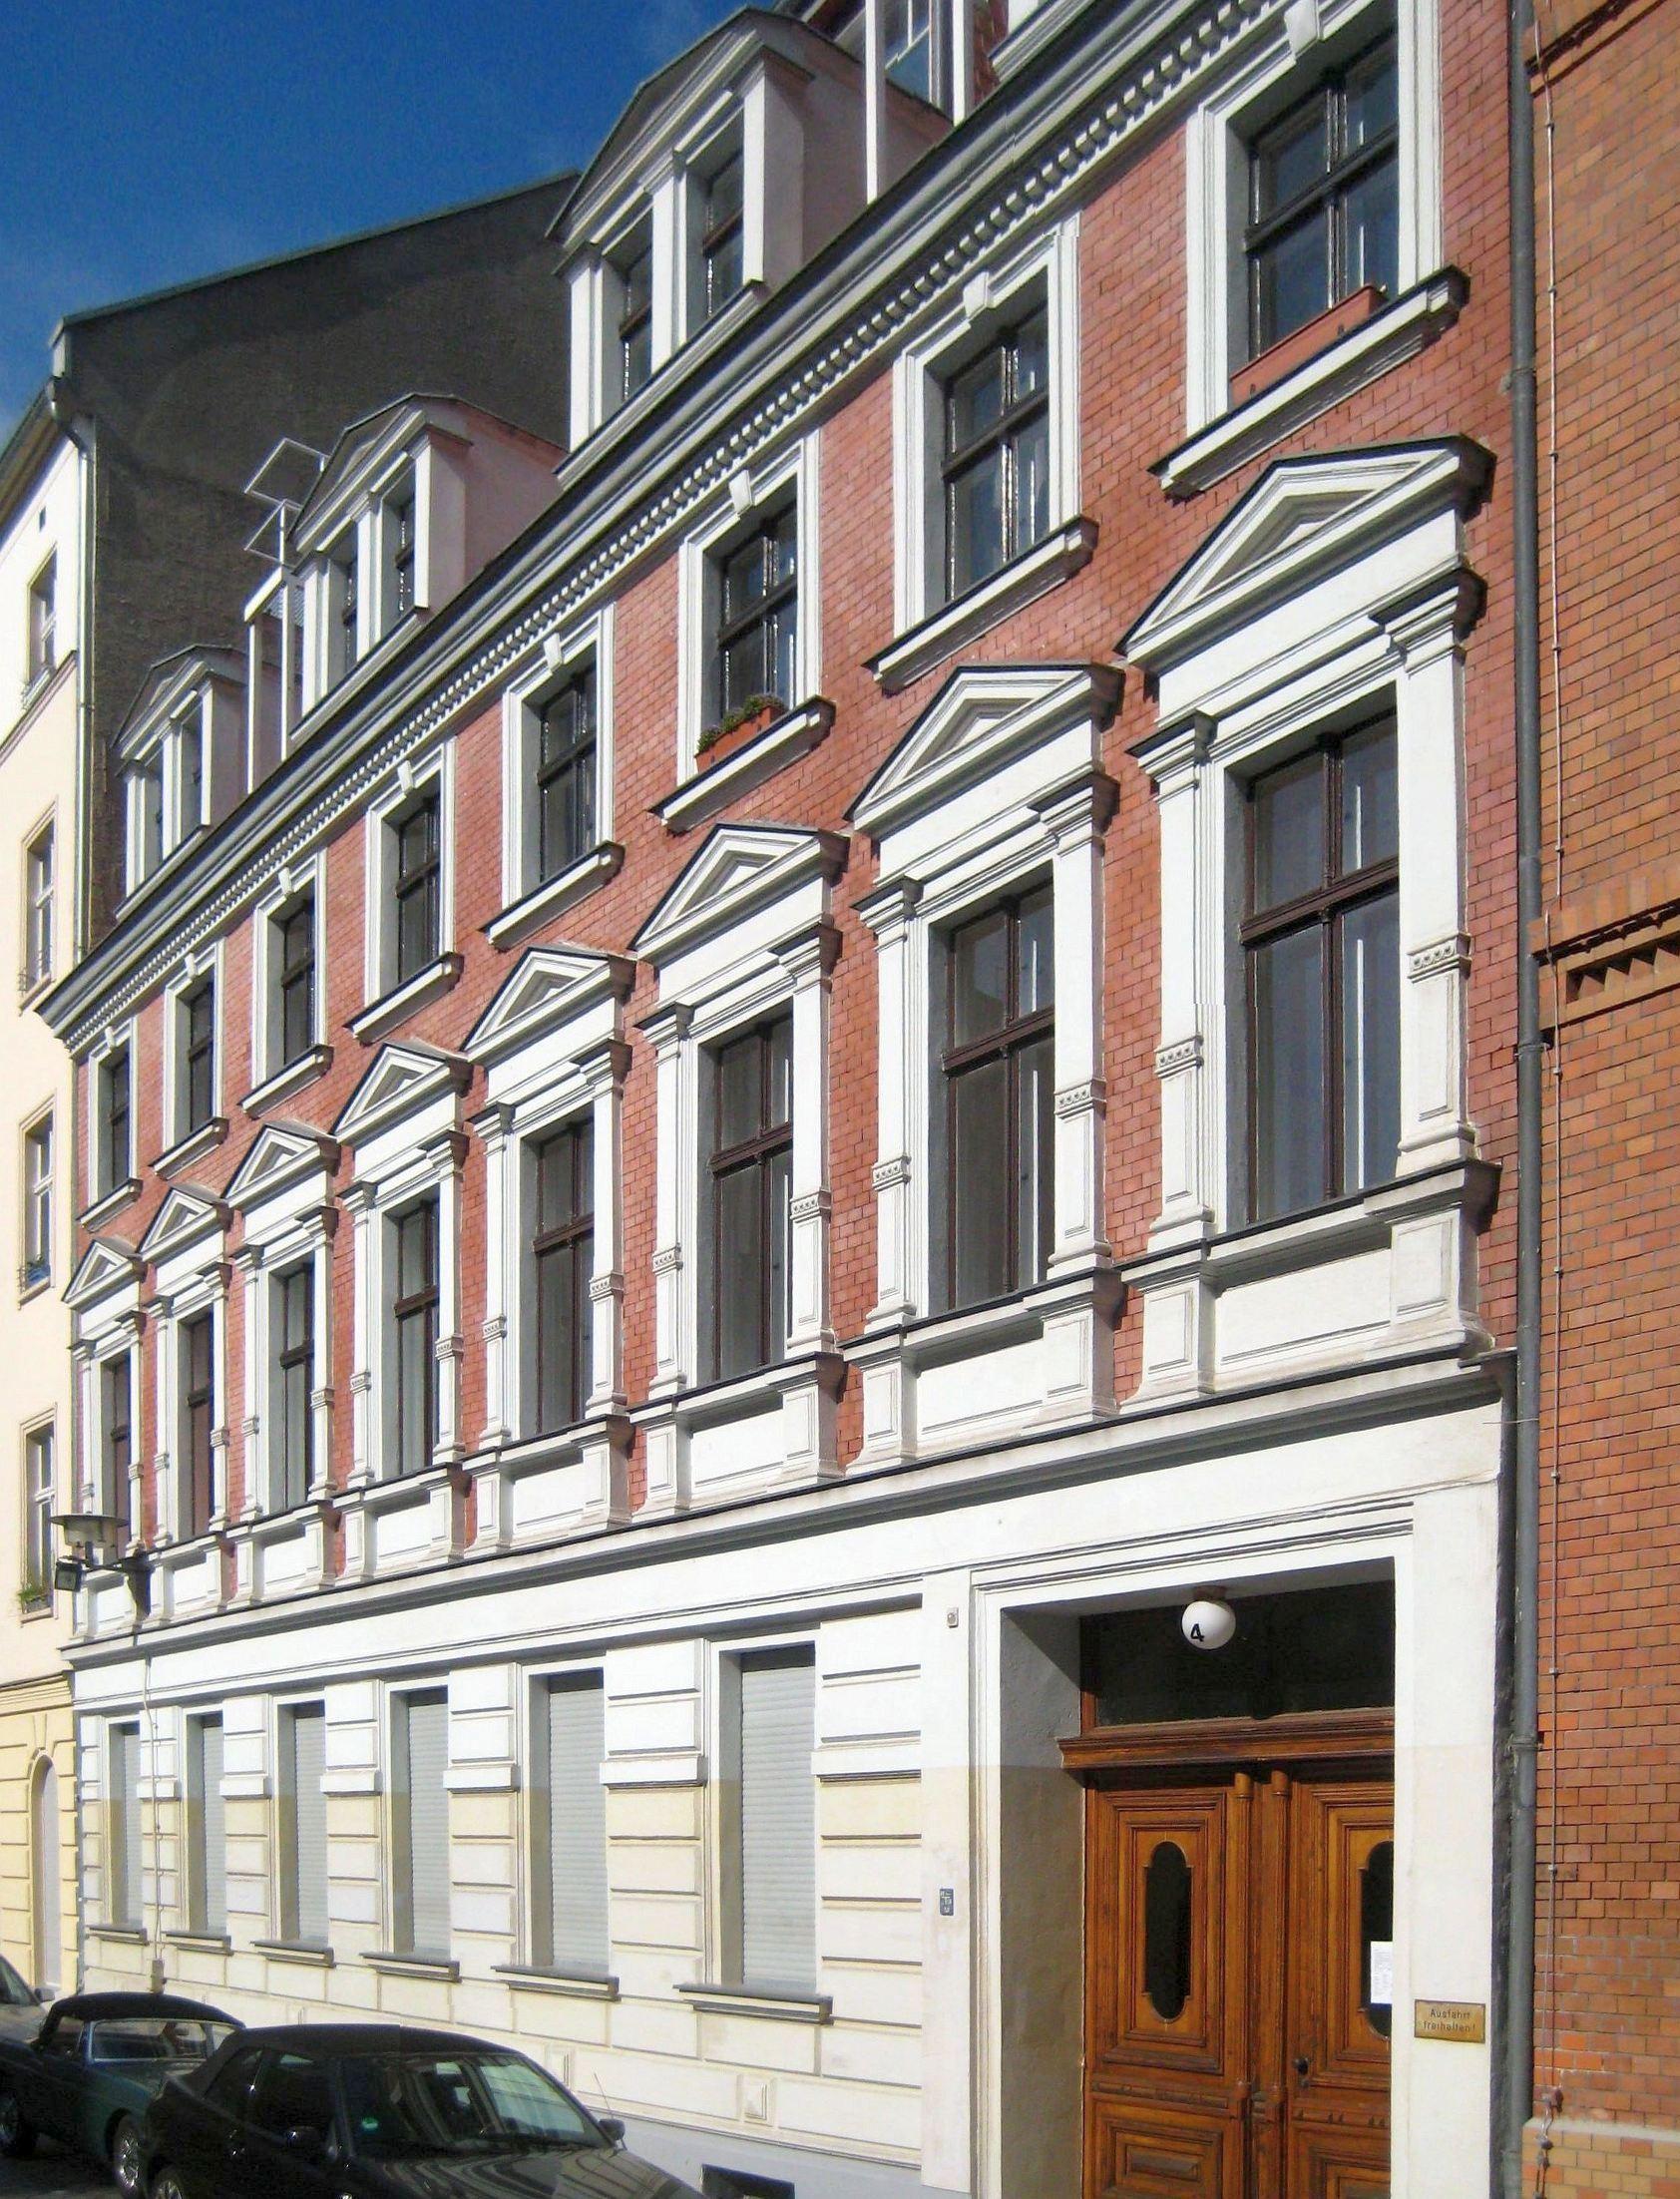 Fileberlin mitte wassergasse 4 mietshaus 04 jpg wikimedia